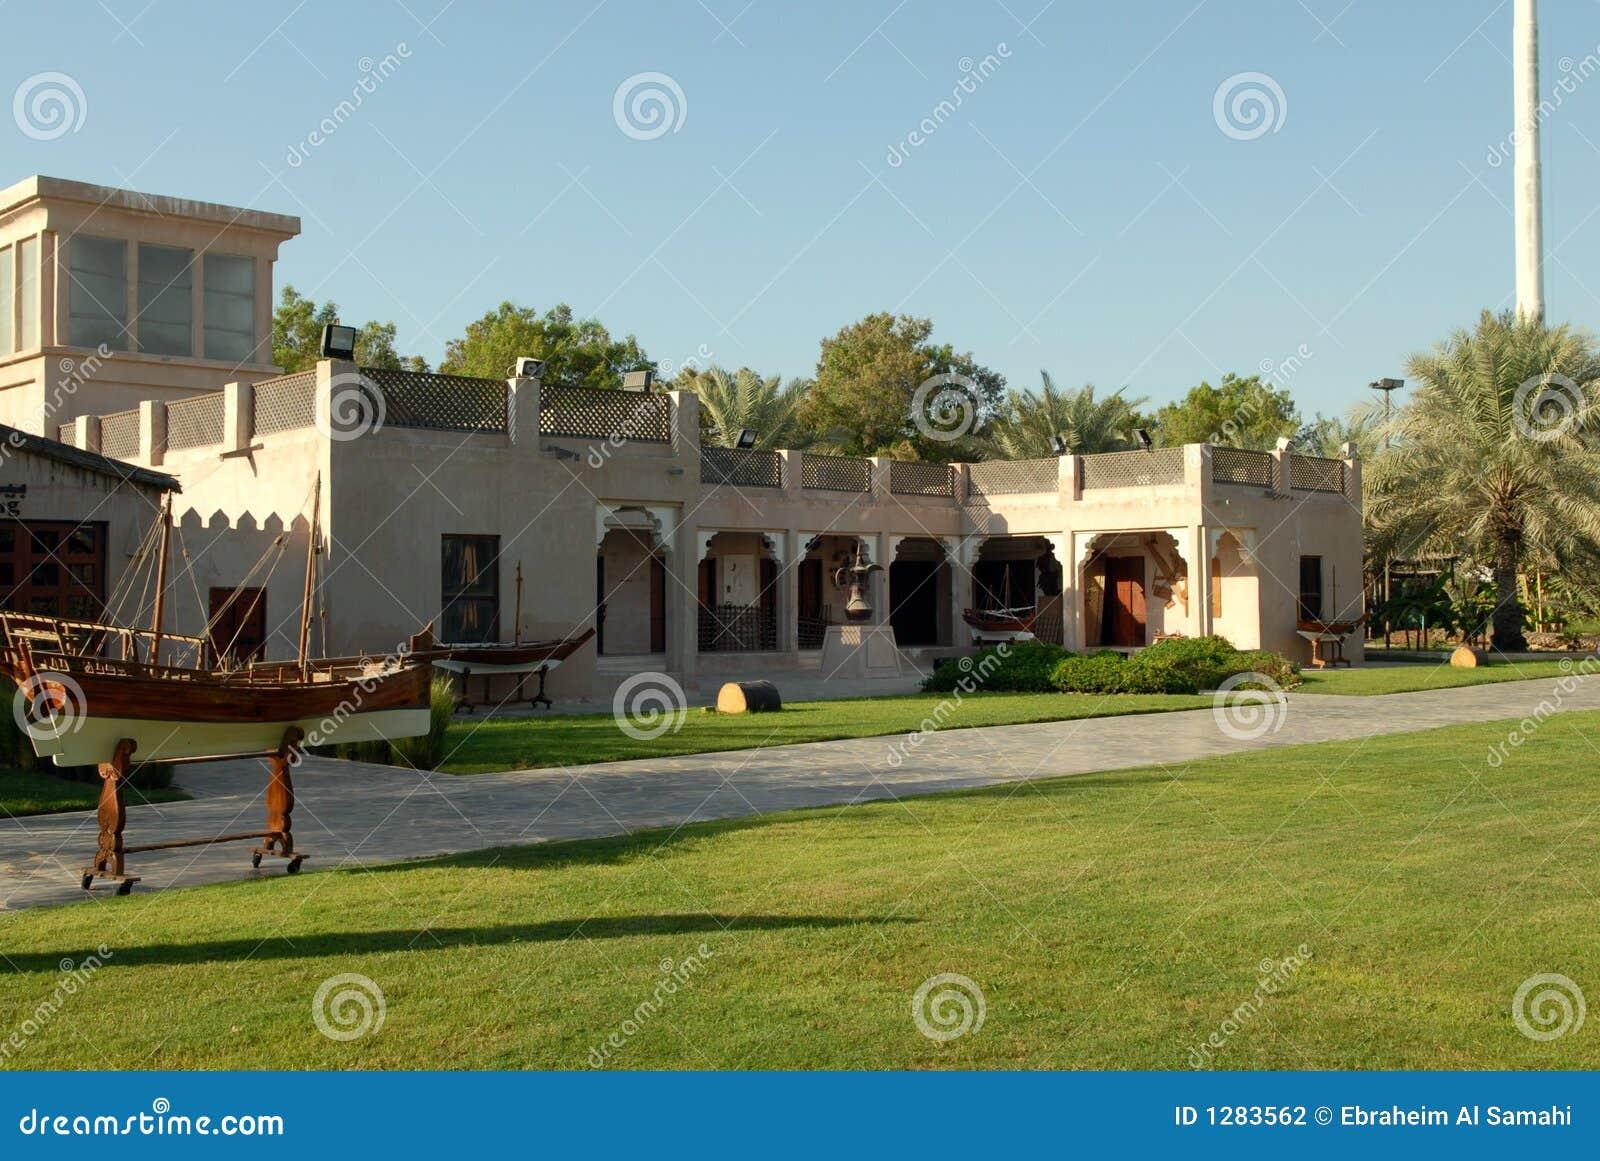 Casa vieja árabe